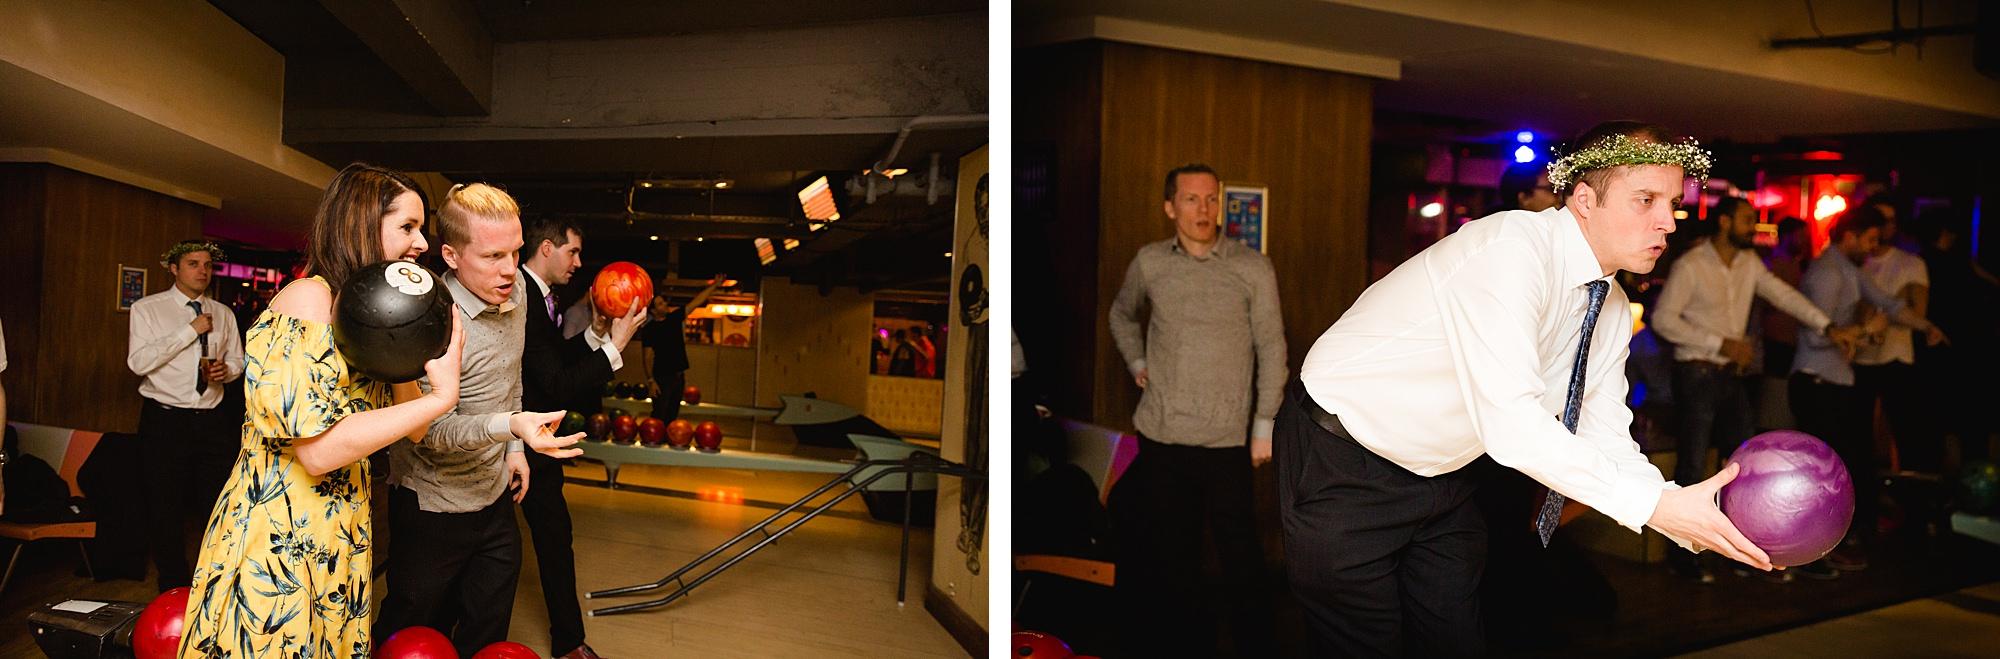 fun london wedding bowling fun guests bowling